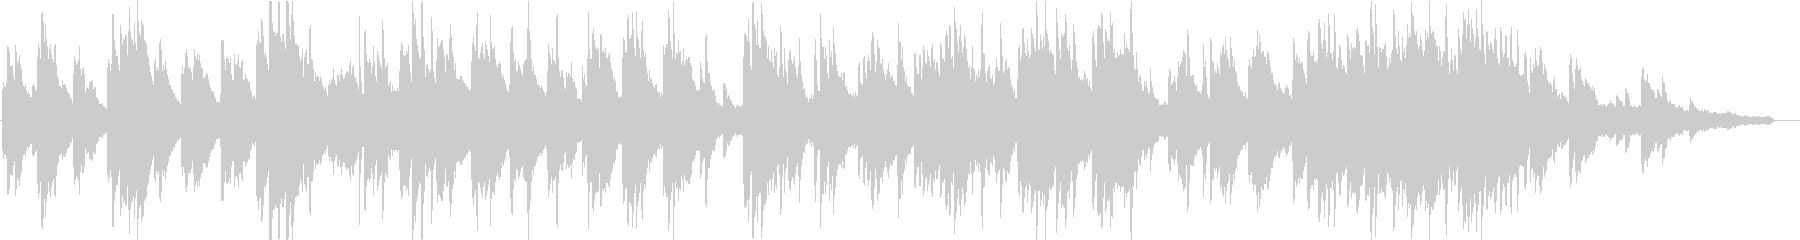 ヒーリングピアノ組曲 まどろみ 11の未再生の波形